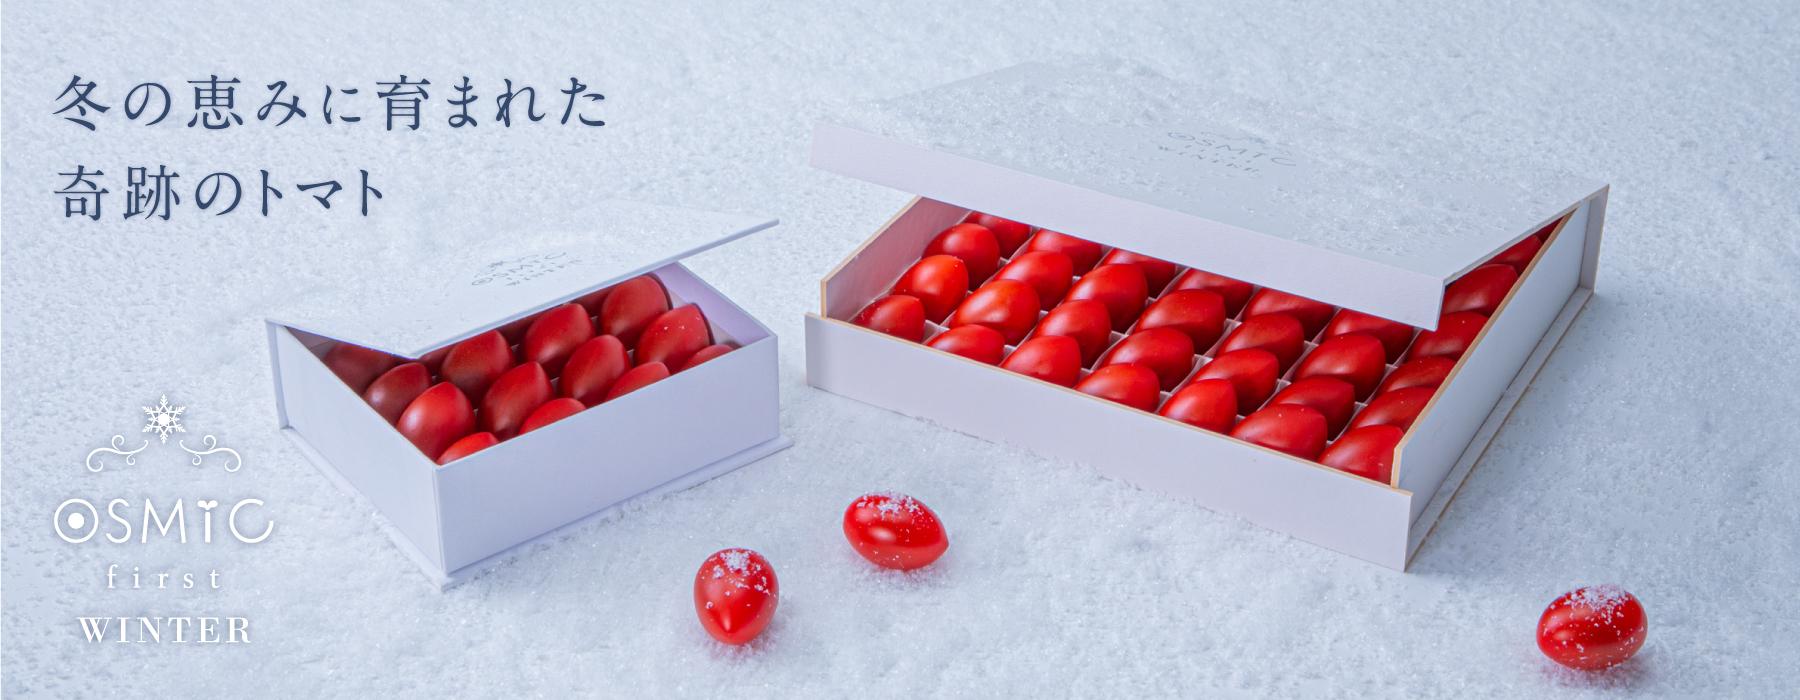 冬の恵みに育まれた奇跡のトマト「OSMIC first WINTER」